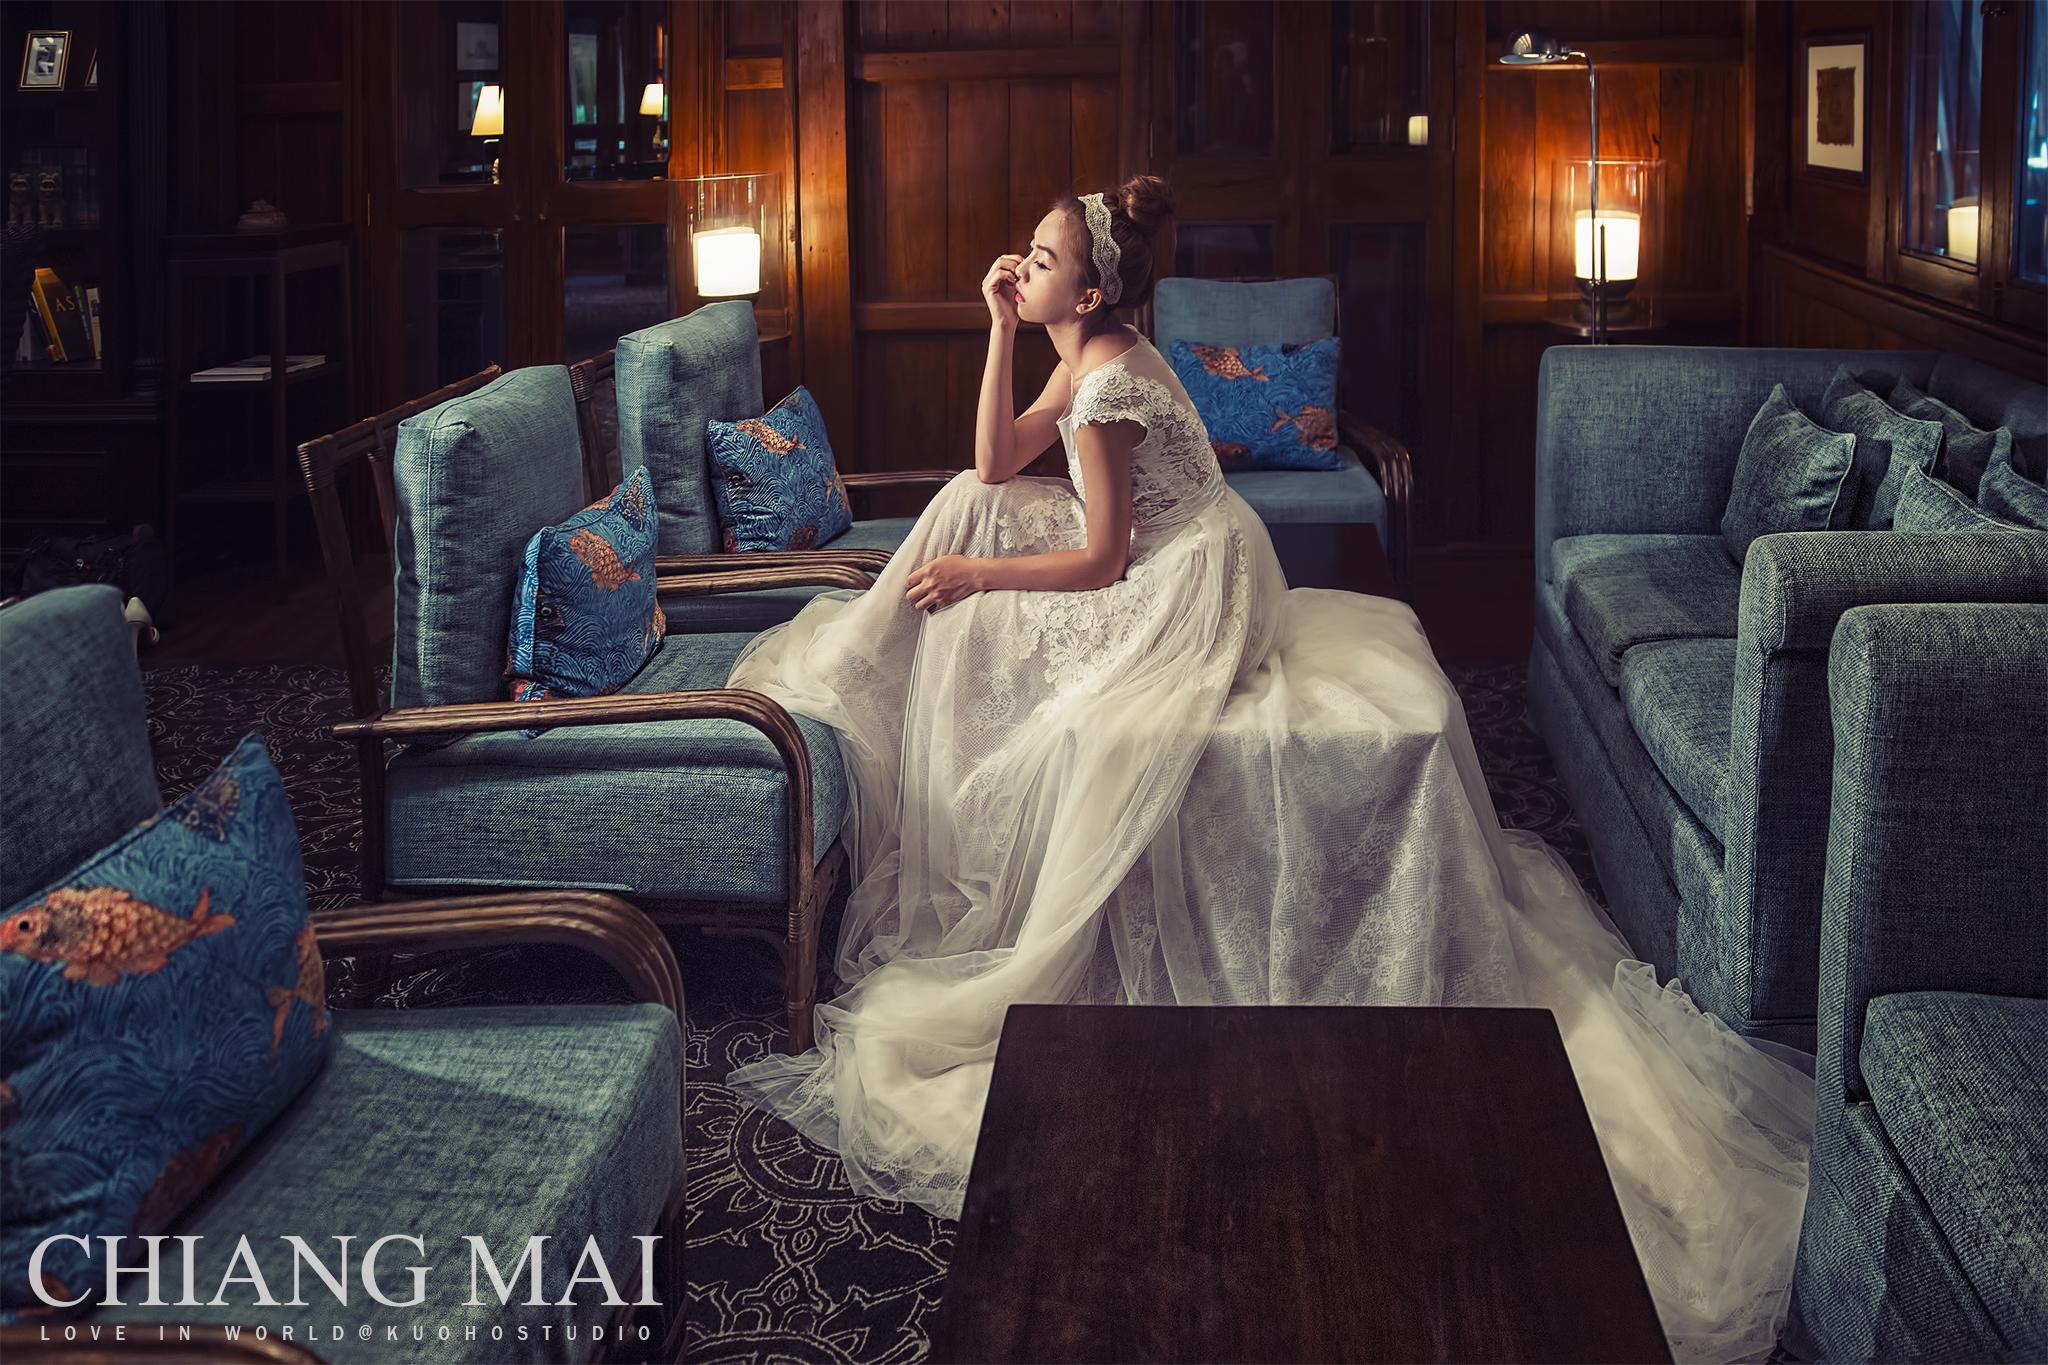 郭賀,郭賀影像,自助婚紗,自主婚紗,海外婚紗,愛情蔓延,郭賀慢慢走,清邁,清邁婚紗,Chiang Mai